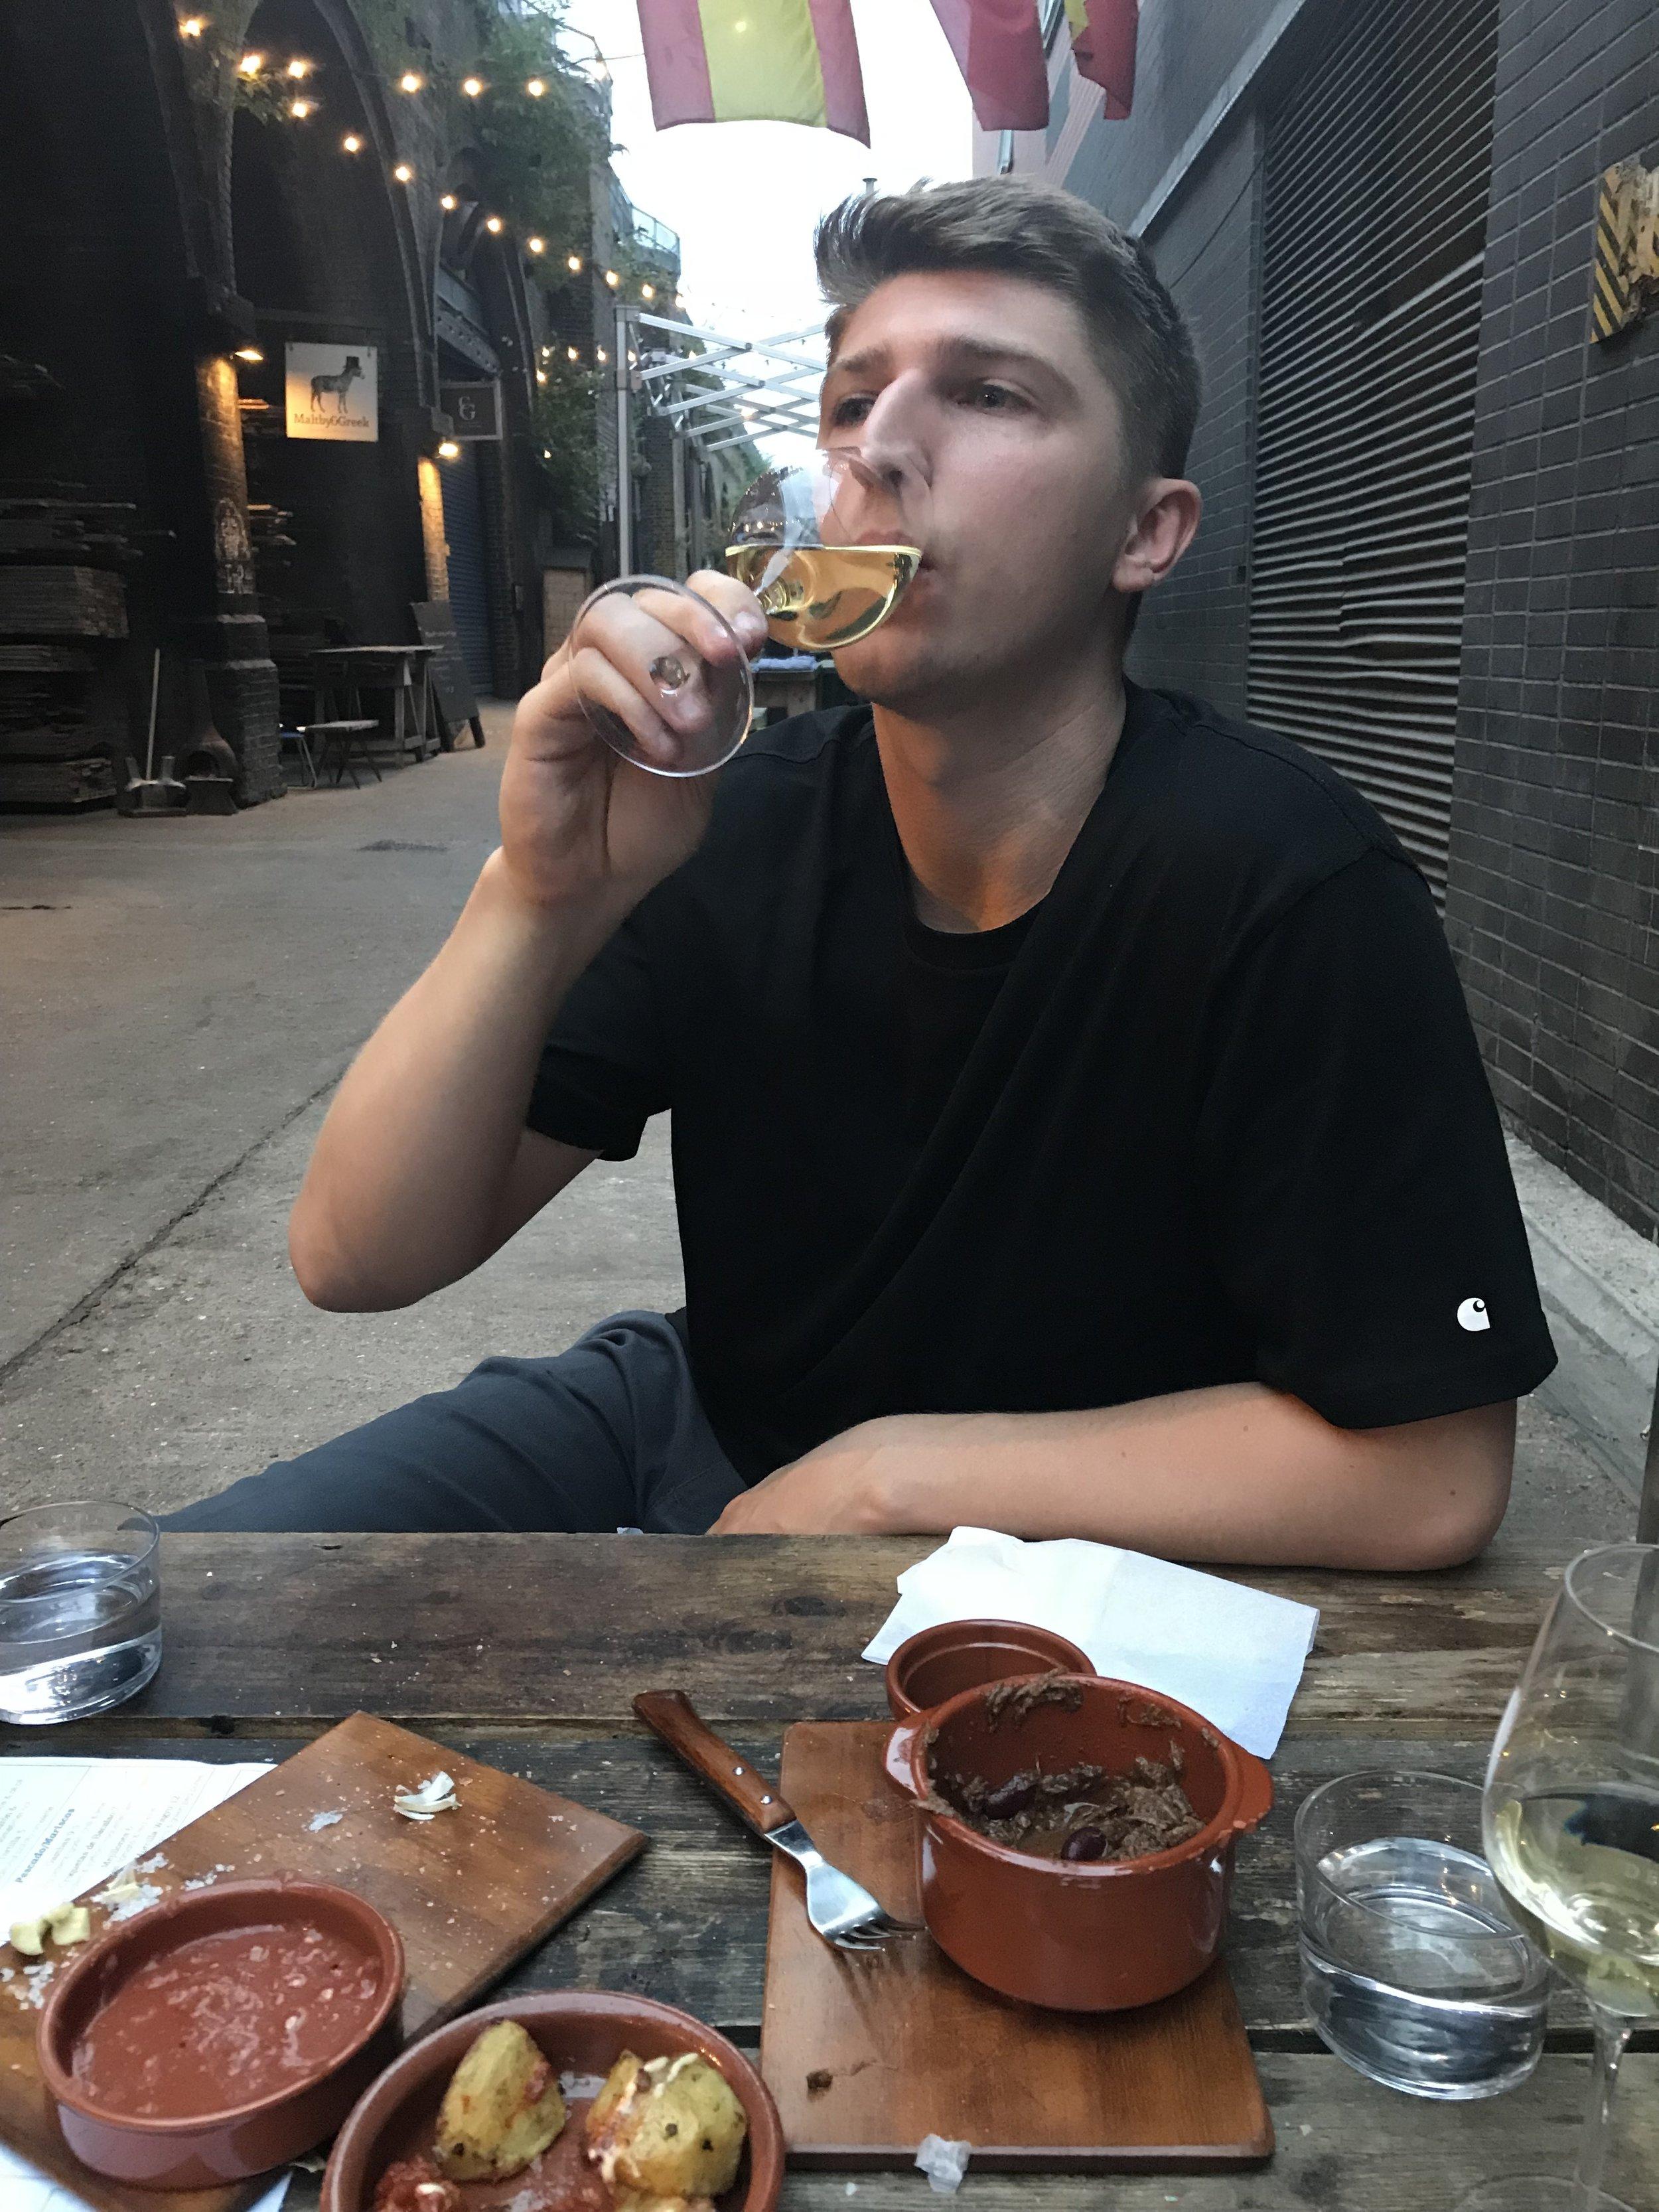 Lewis enjoying some Spanish vino